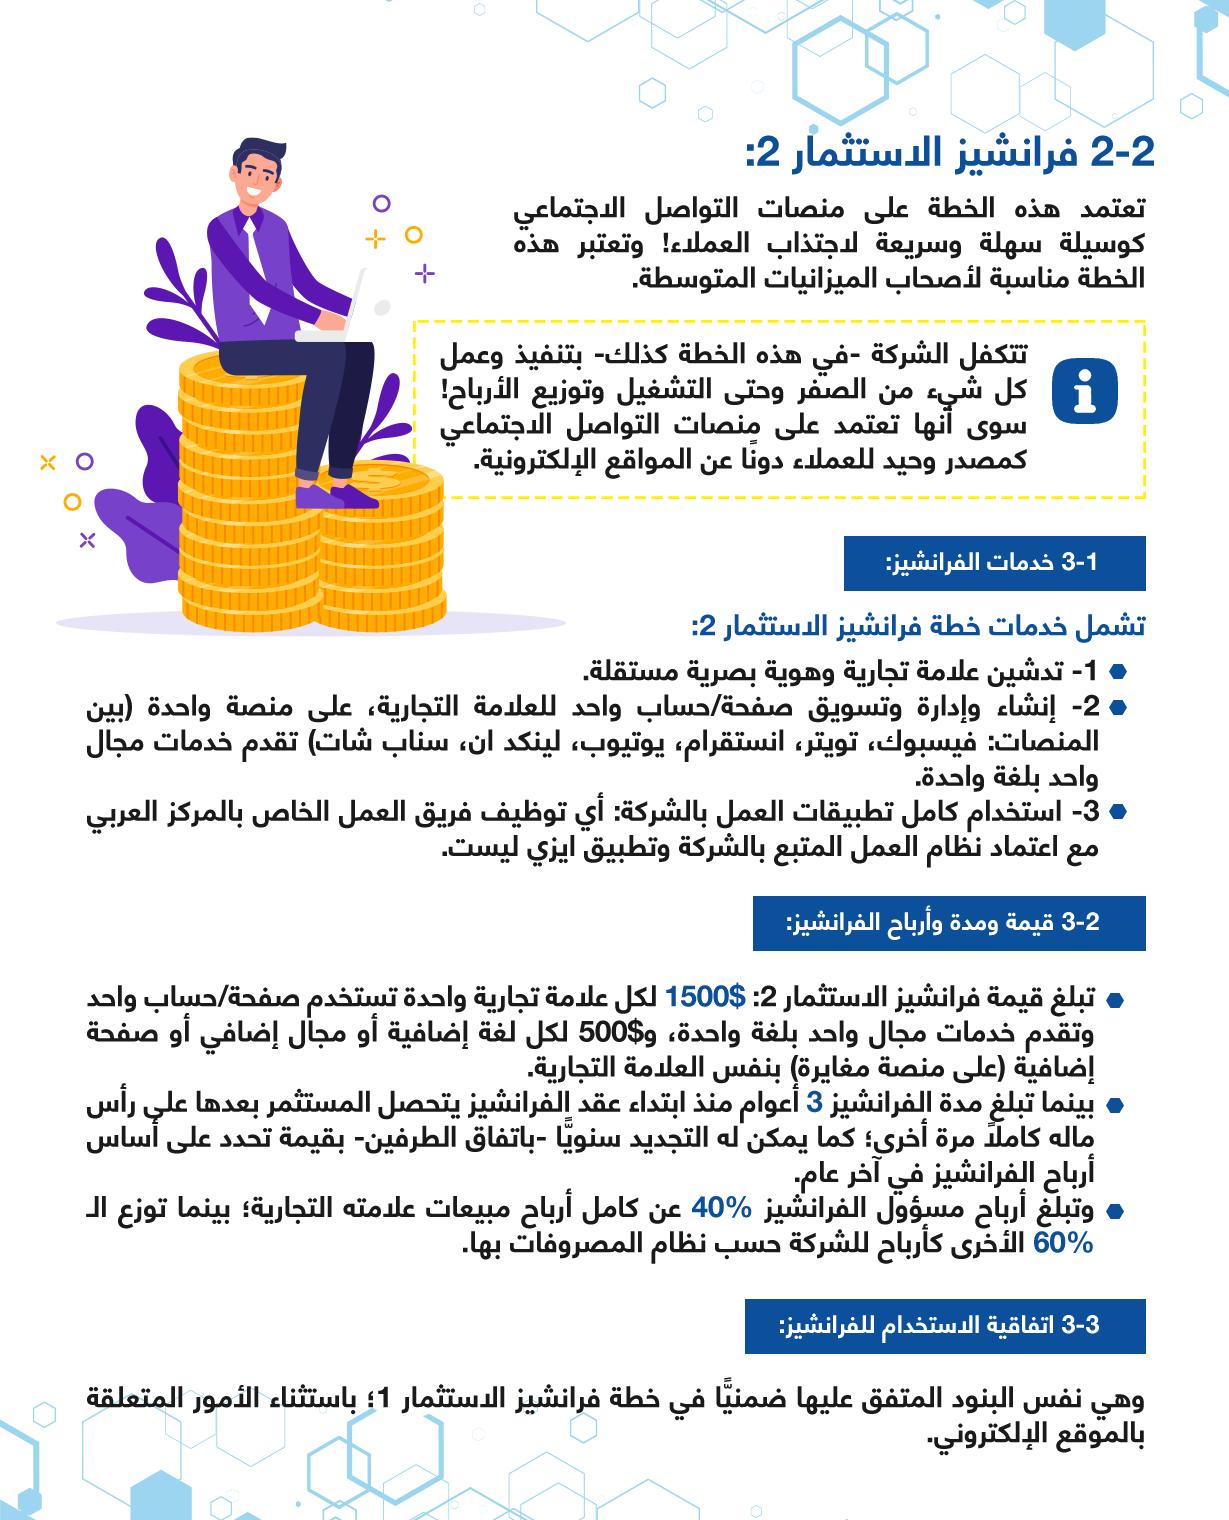 خطة فرانشيز الاستثمار 2 بالمركز العربي للخدمات الإلكترونية